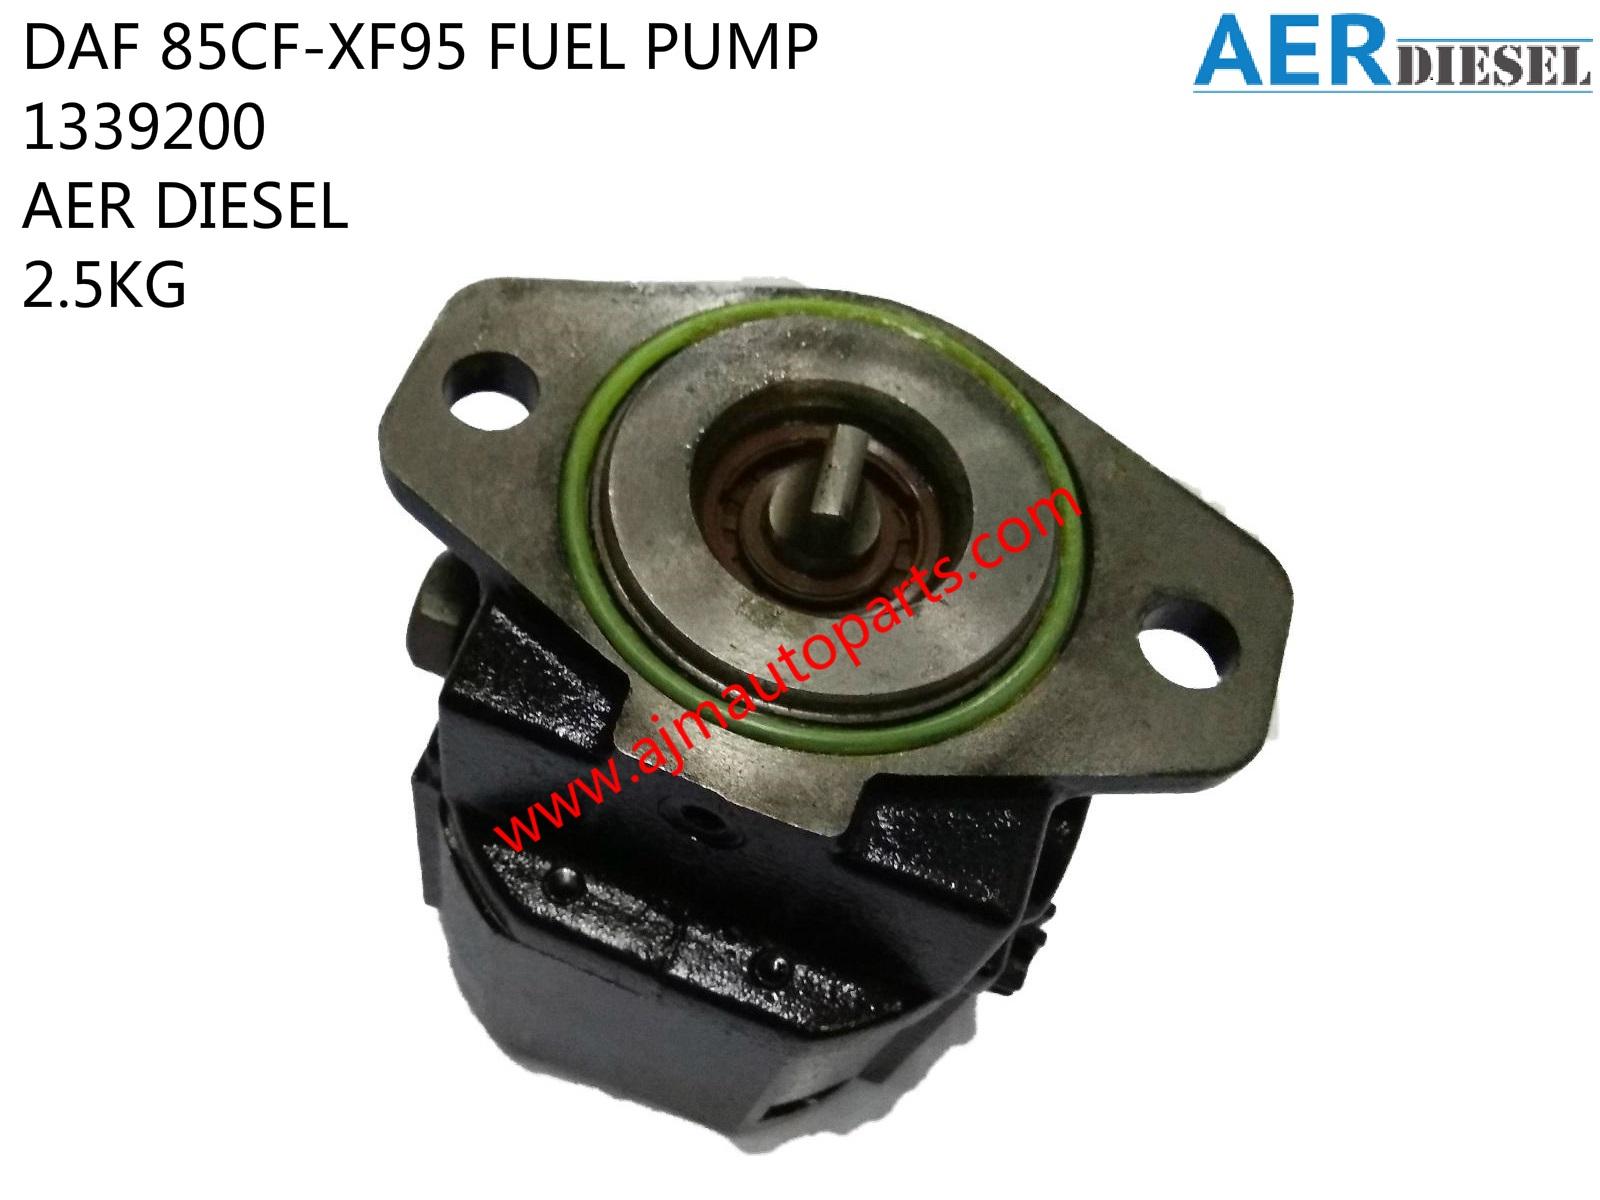 DAF 85CF-XF95 FUEL PUMP-1339200